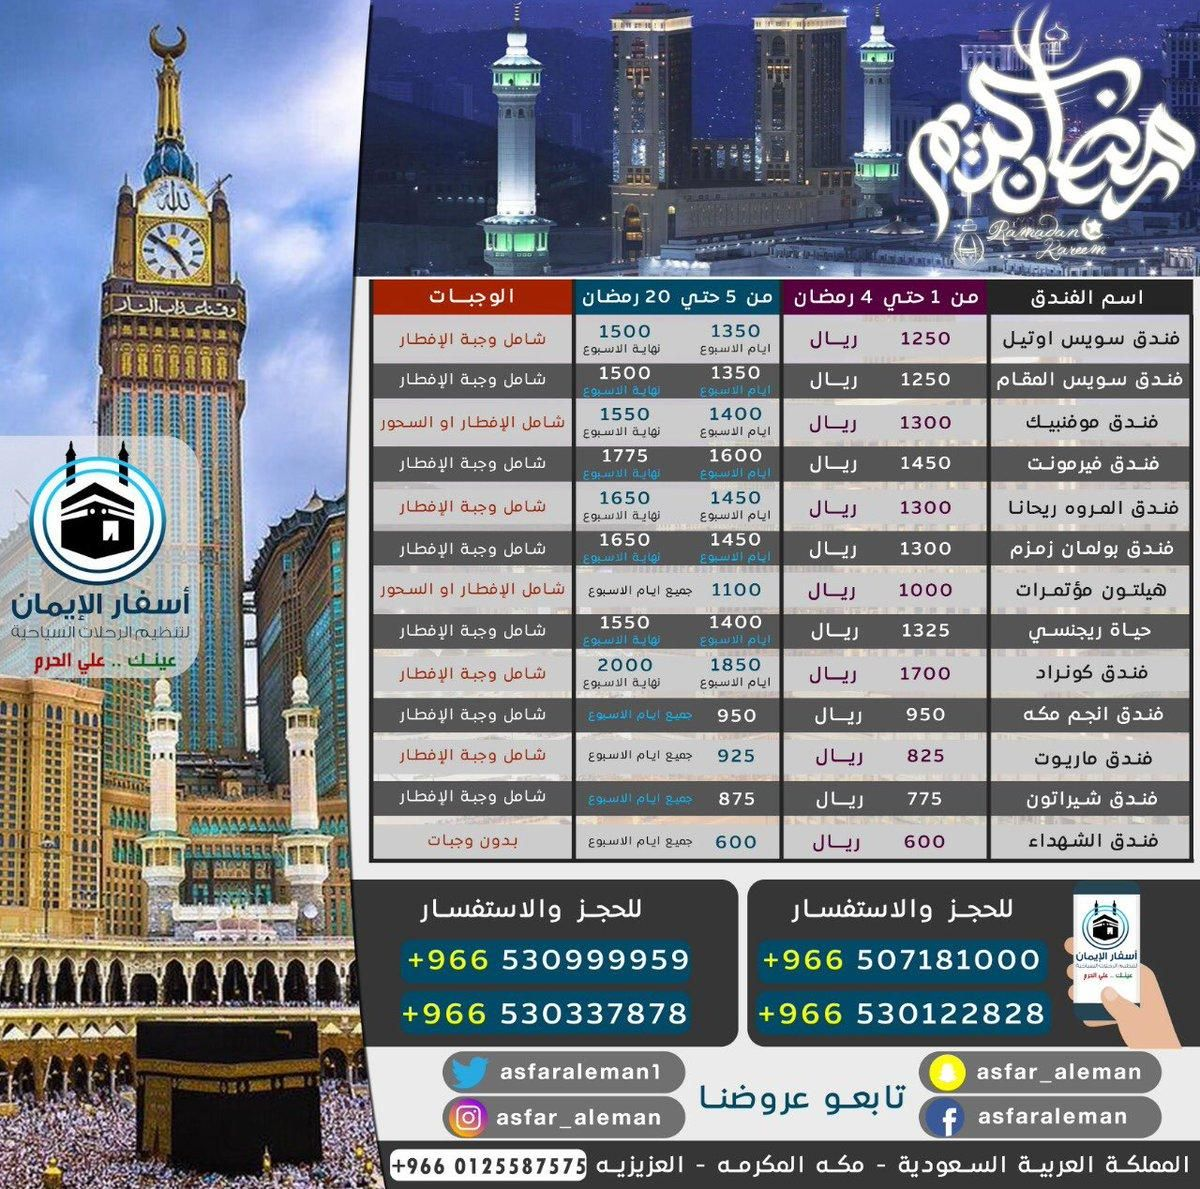 عروض رمضان عروض اسفار الايمان علي الفنادق في مكة الاحد 21 4 2019 عروض اليوم Saudi Arabia Periodic Table Weather